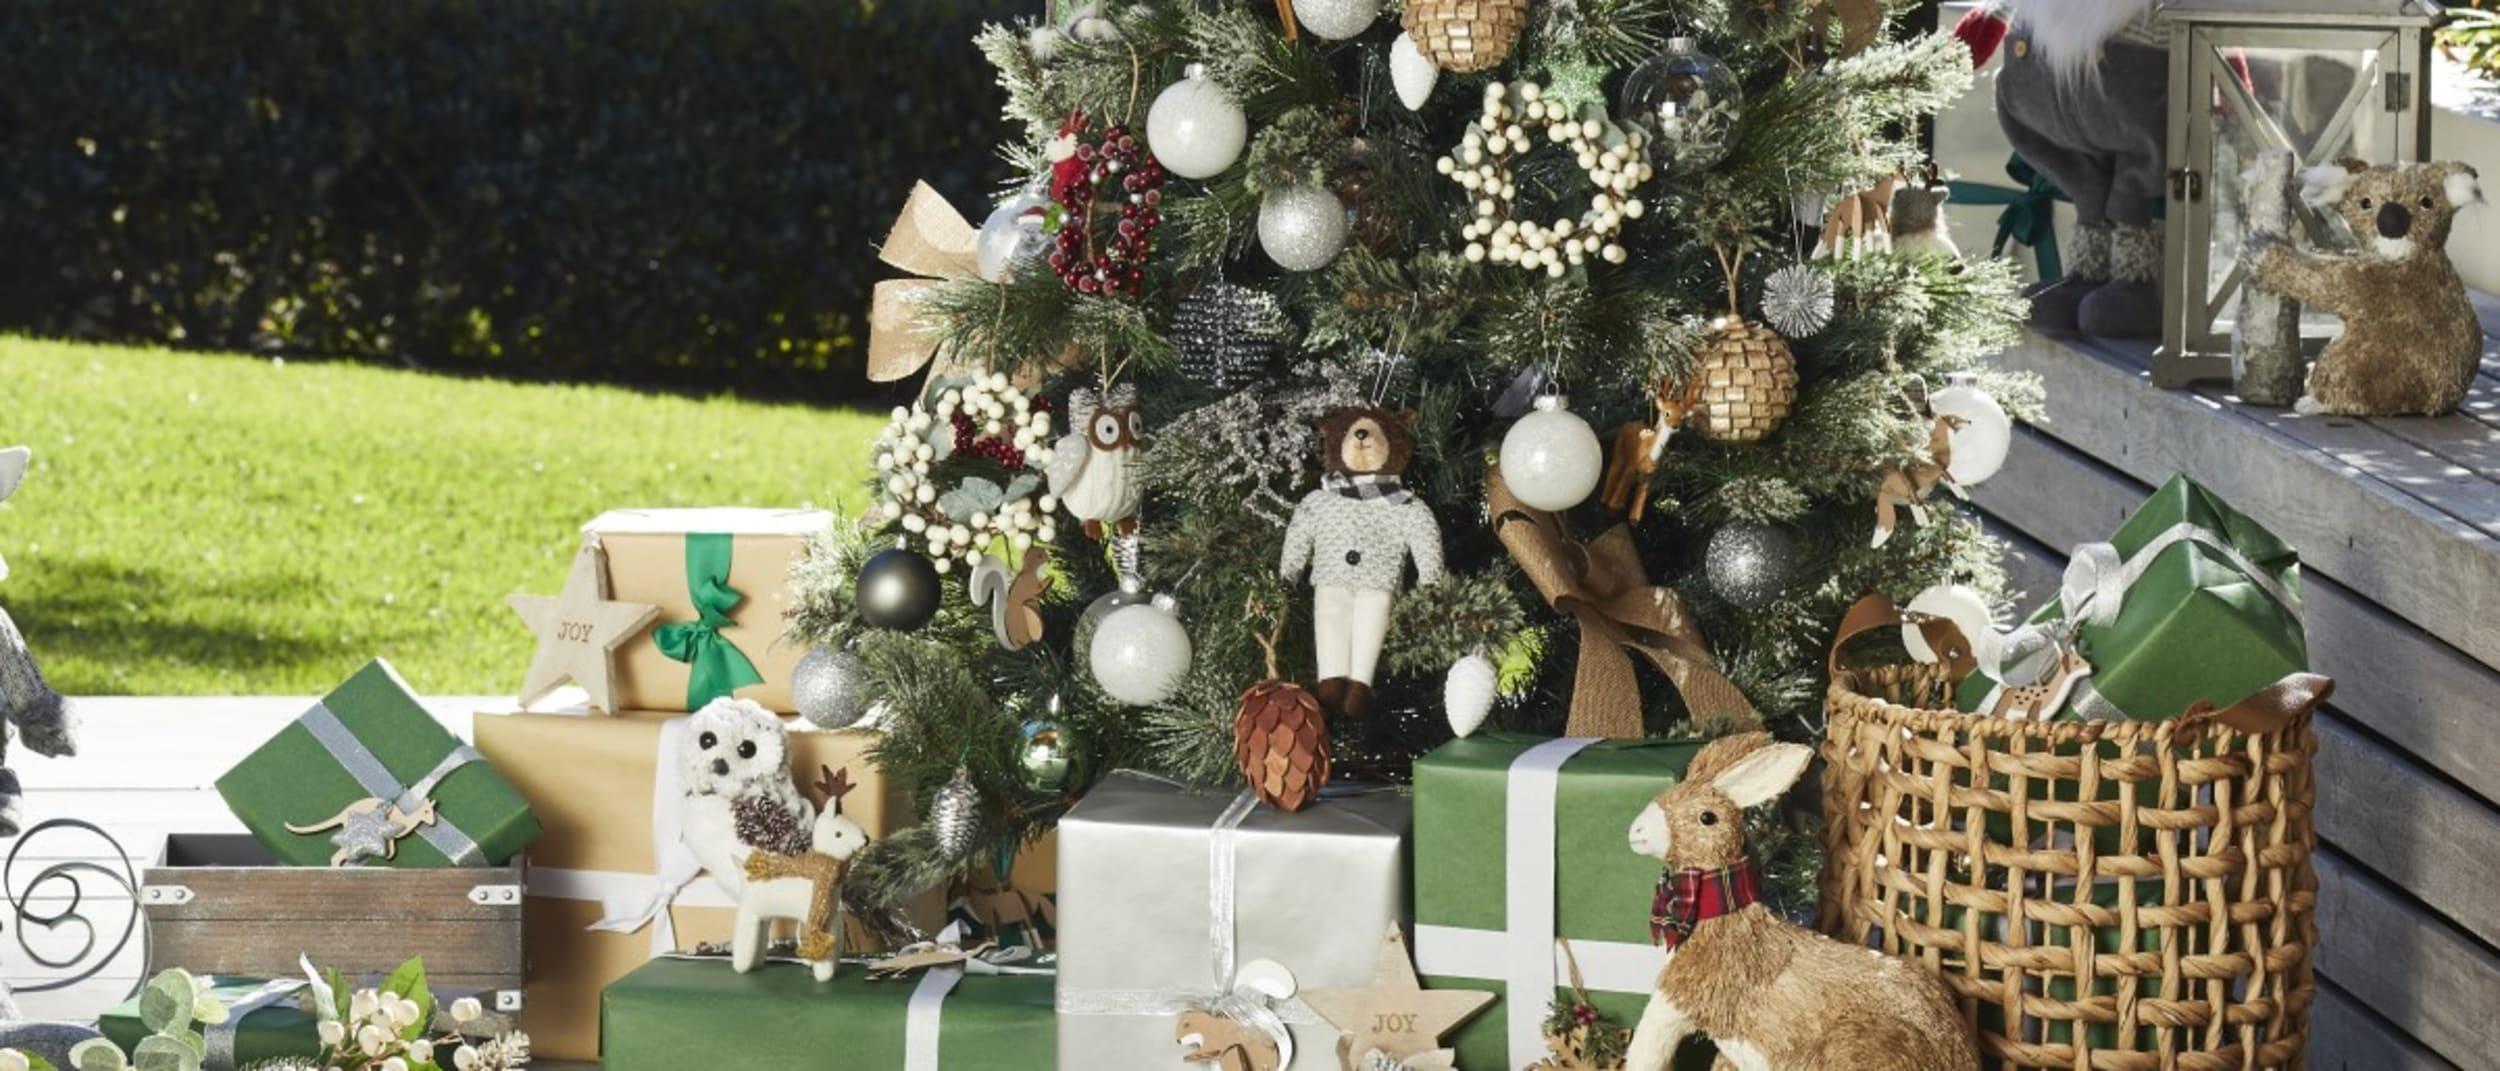 MYER Massive Christmas Shopping Event